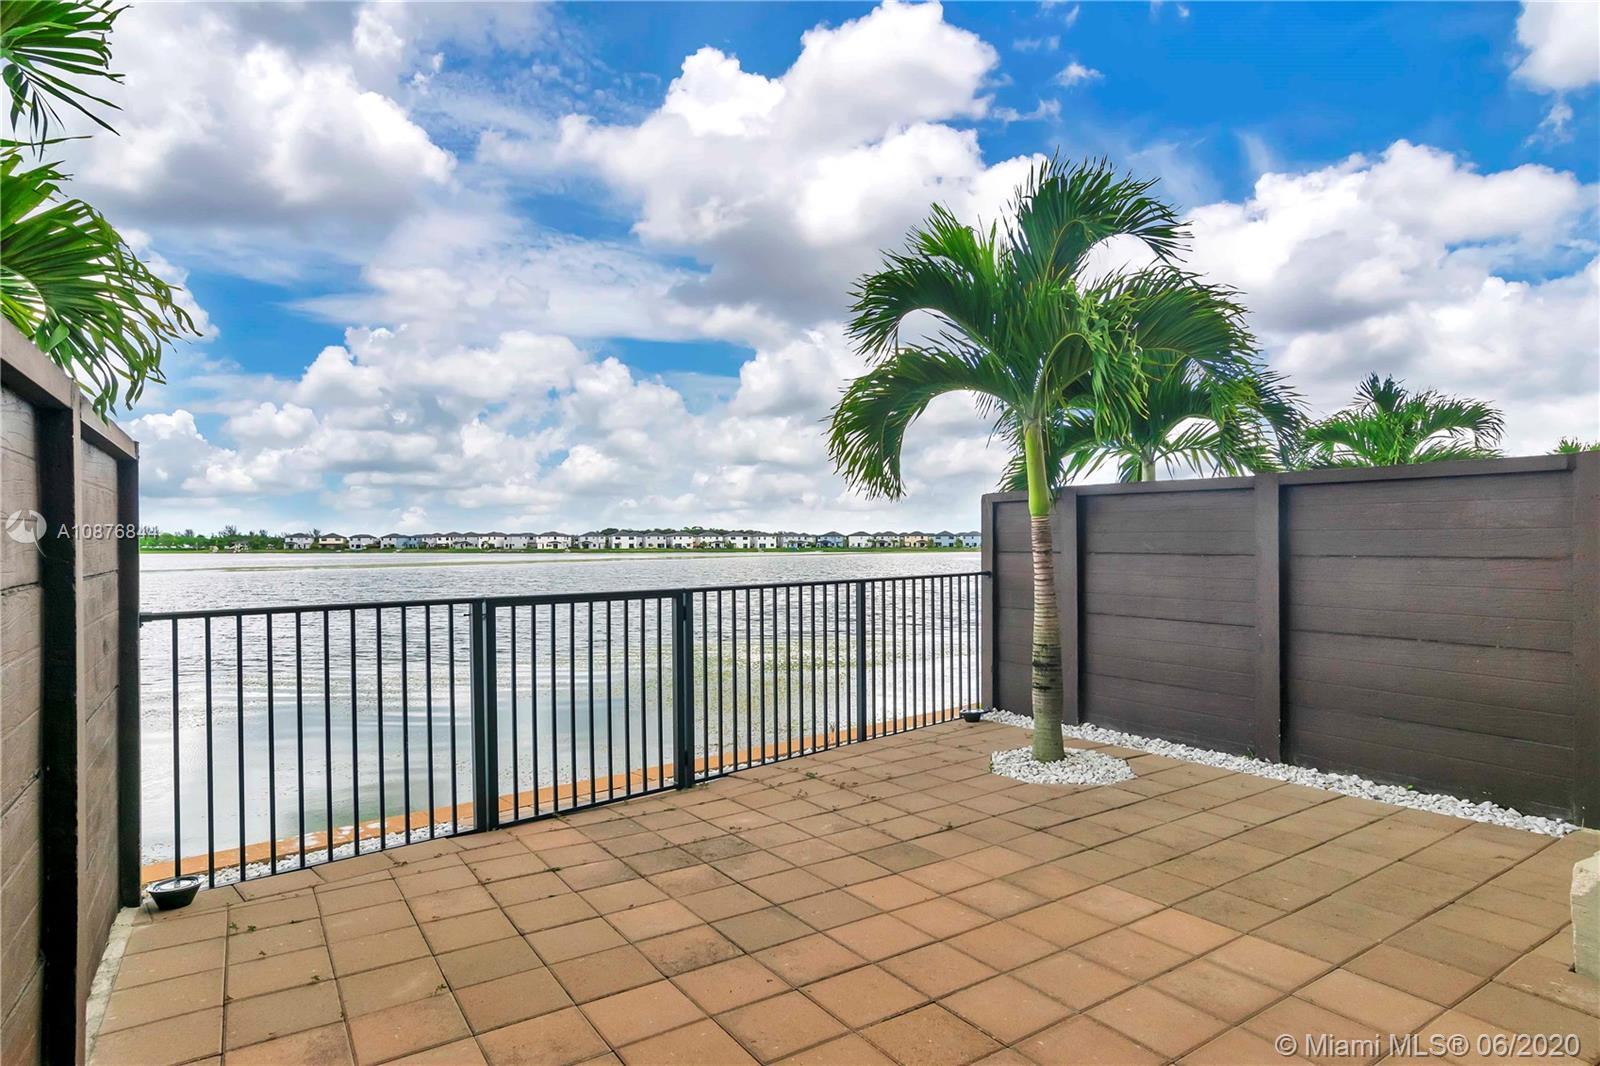 Miami Lakes #15839 - 29 - photo